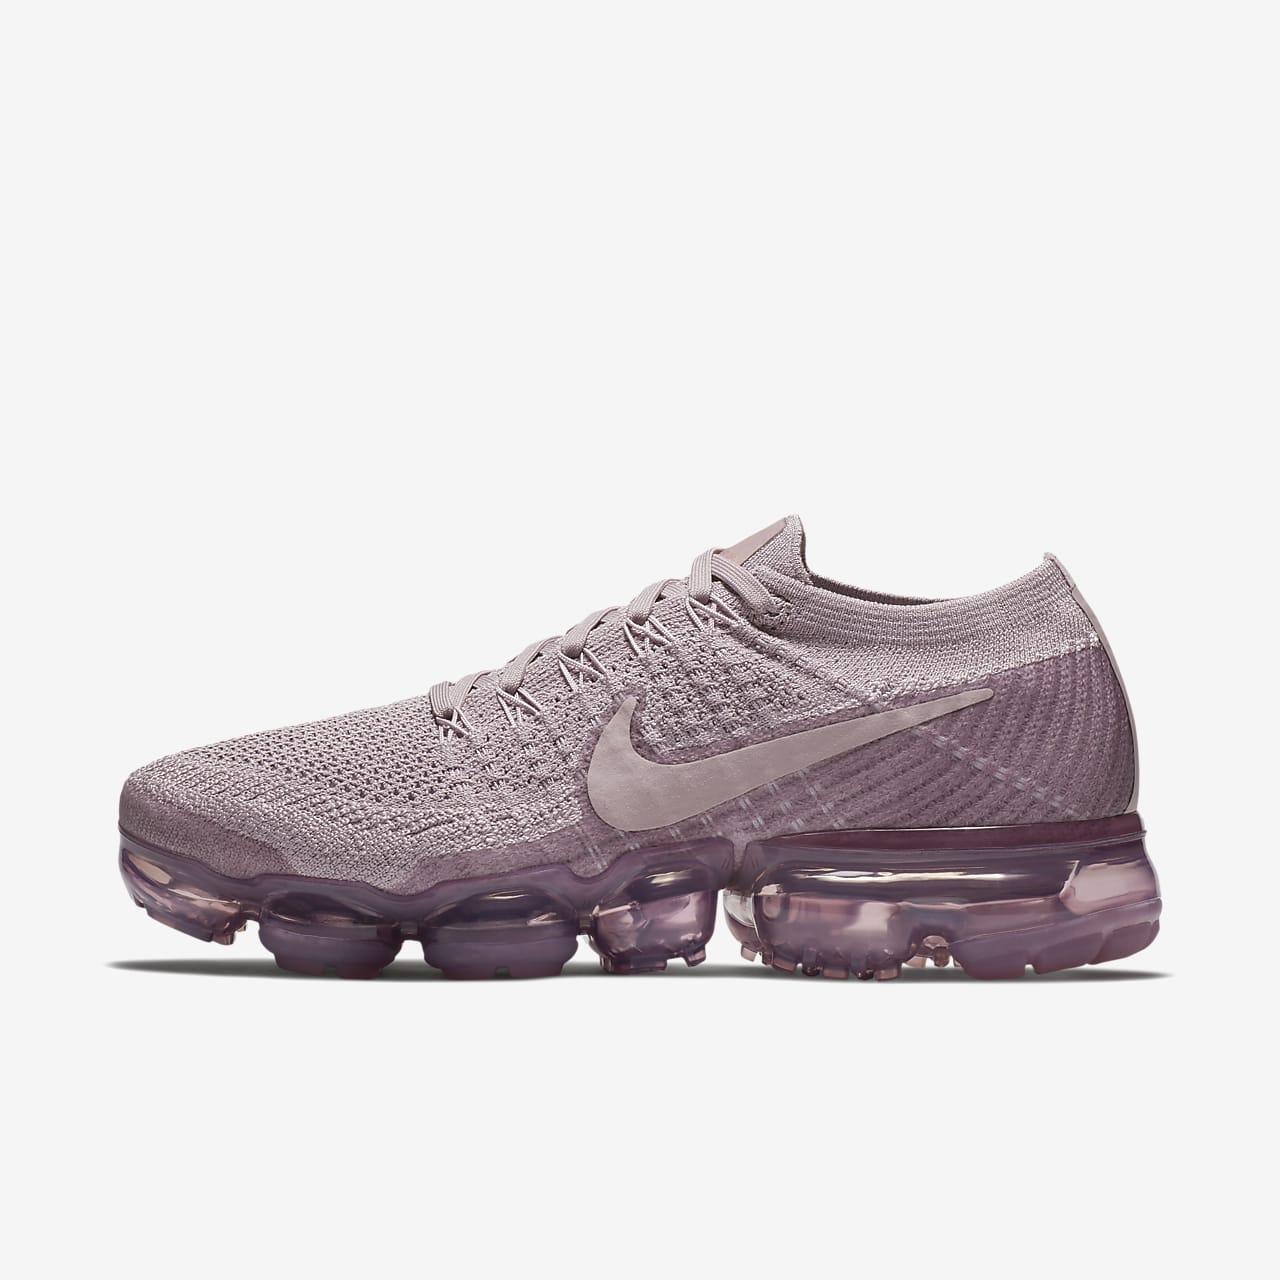 Nike Air VaporMax Flyknit Women's Shoe